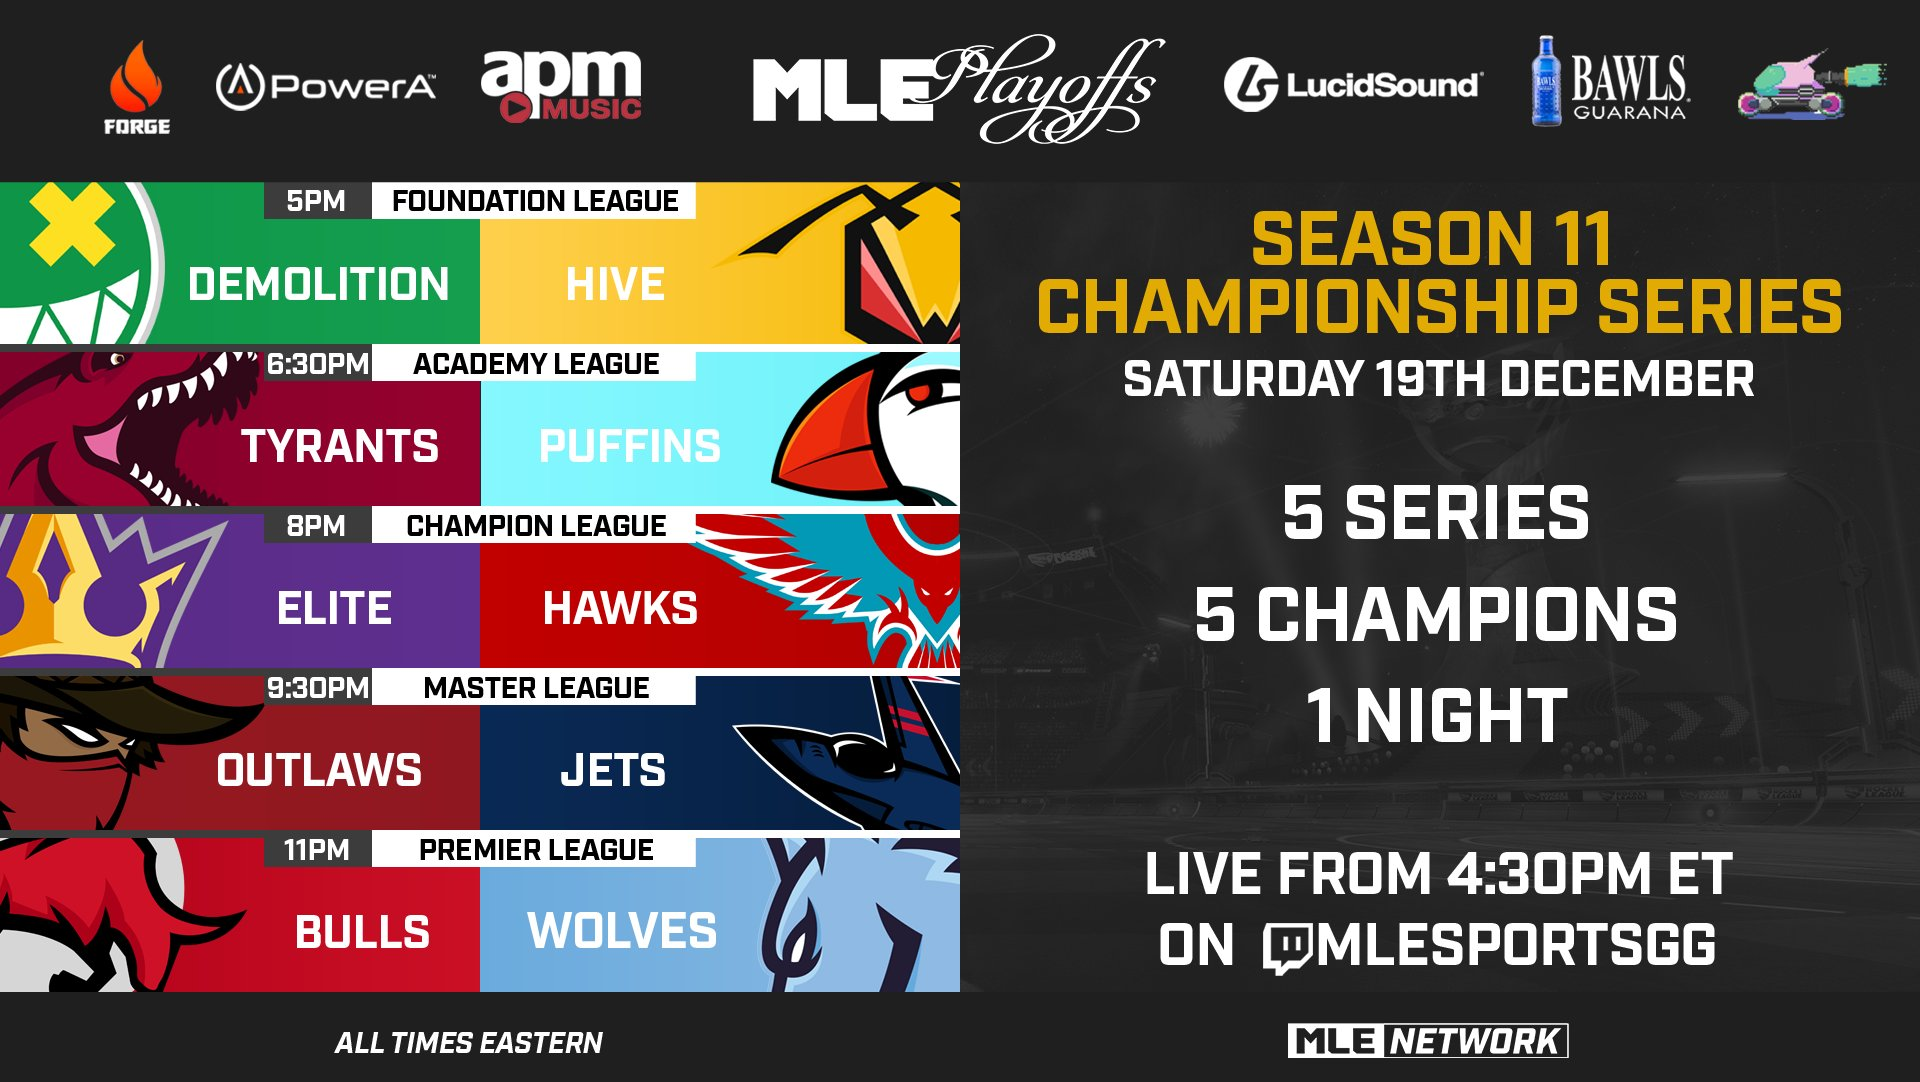 Season 11 Championship Preview